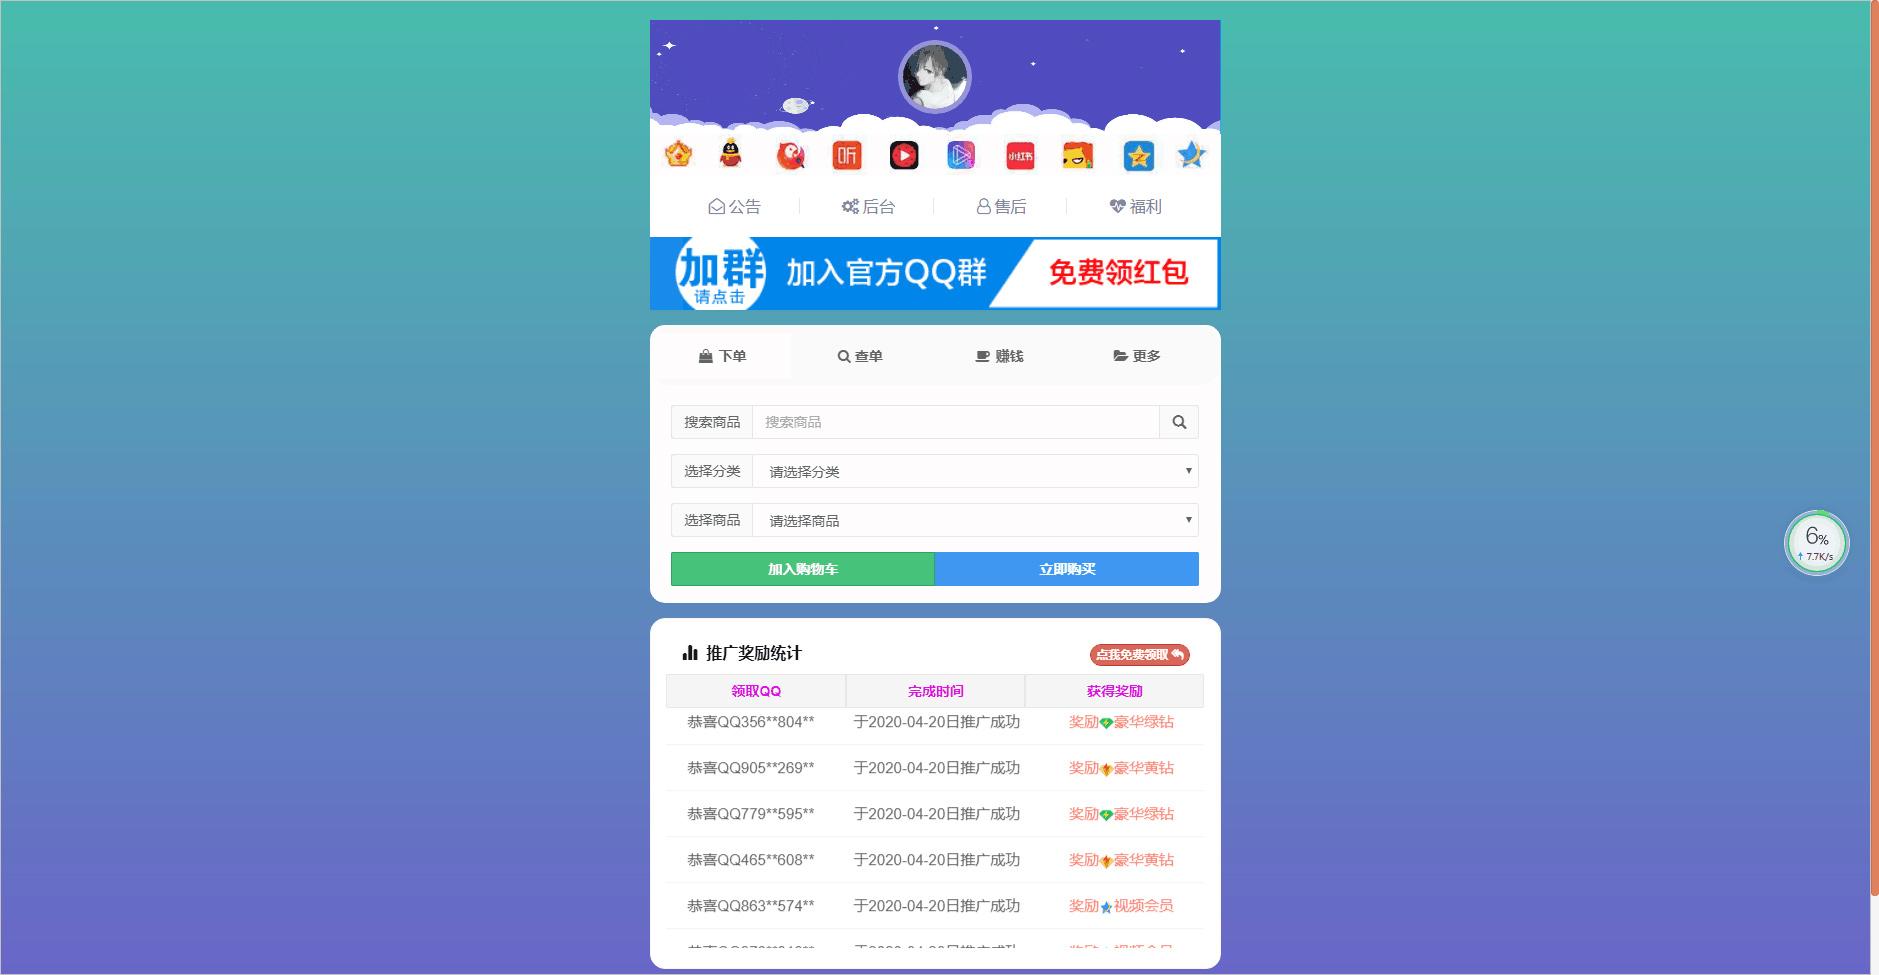 彩虹代刷开源网站源码带N套前端UI模板-